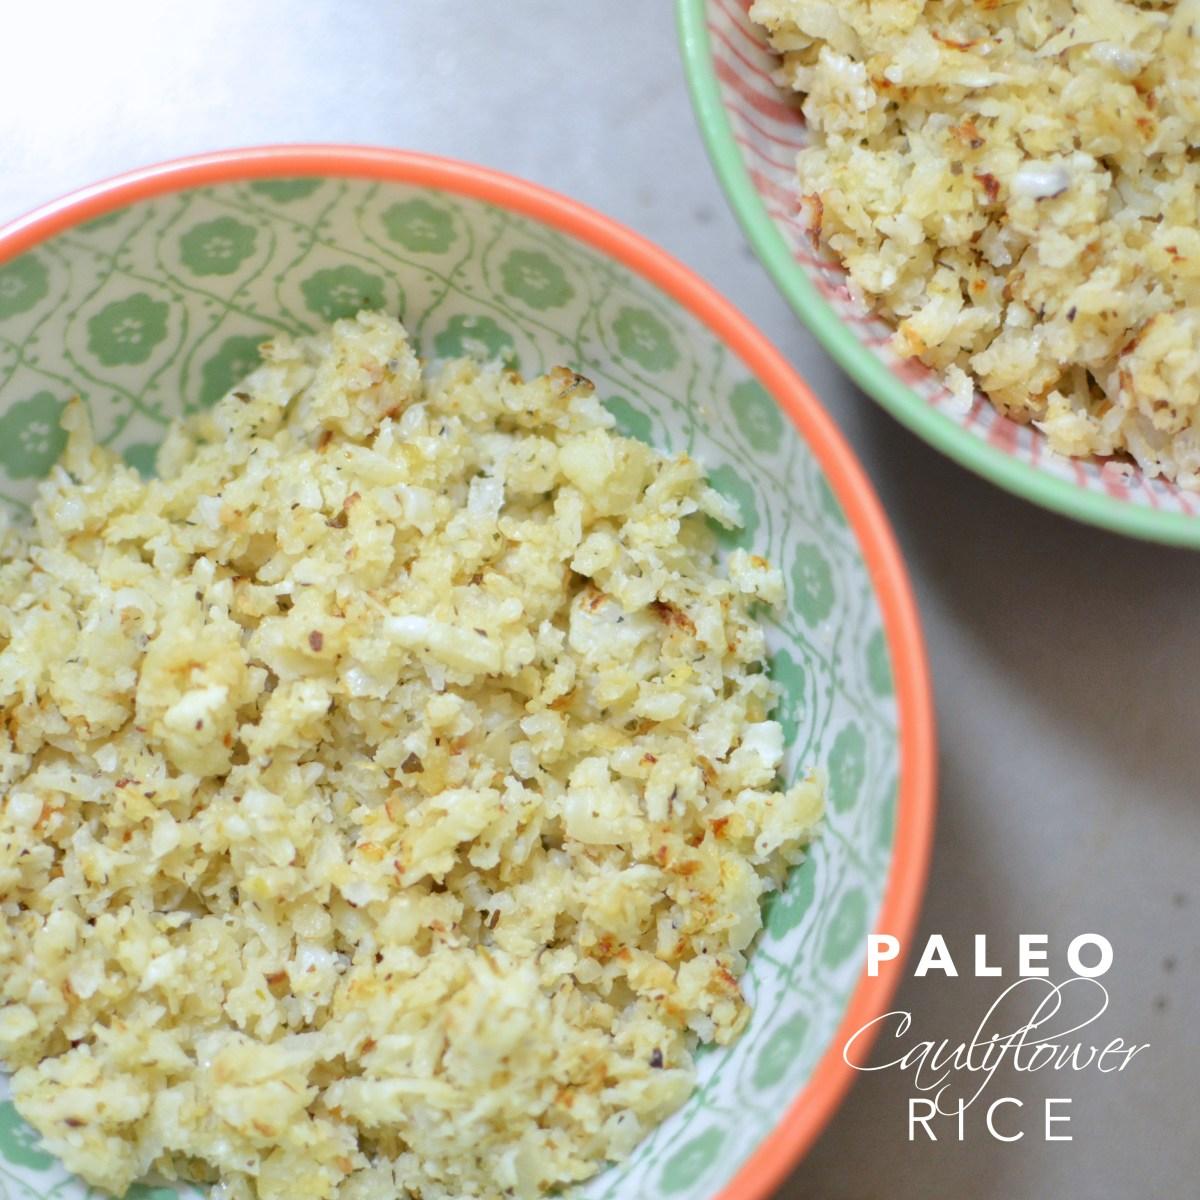 Easy Paleo Cauliflower Rice